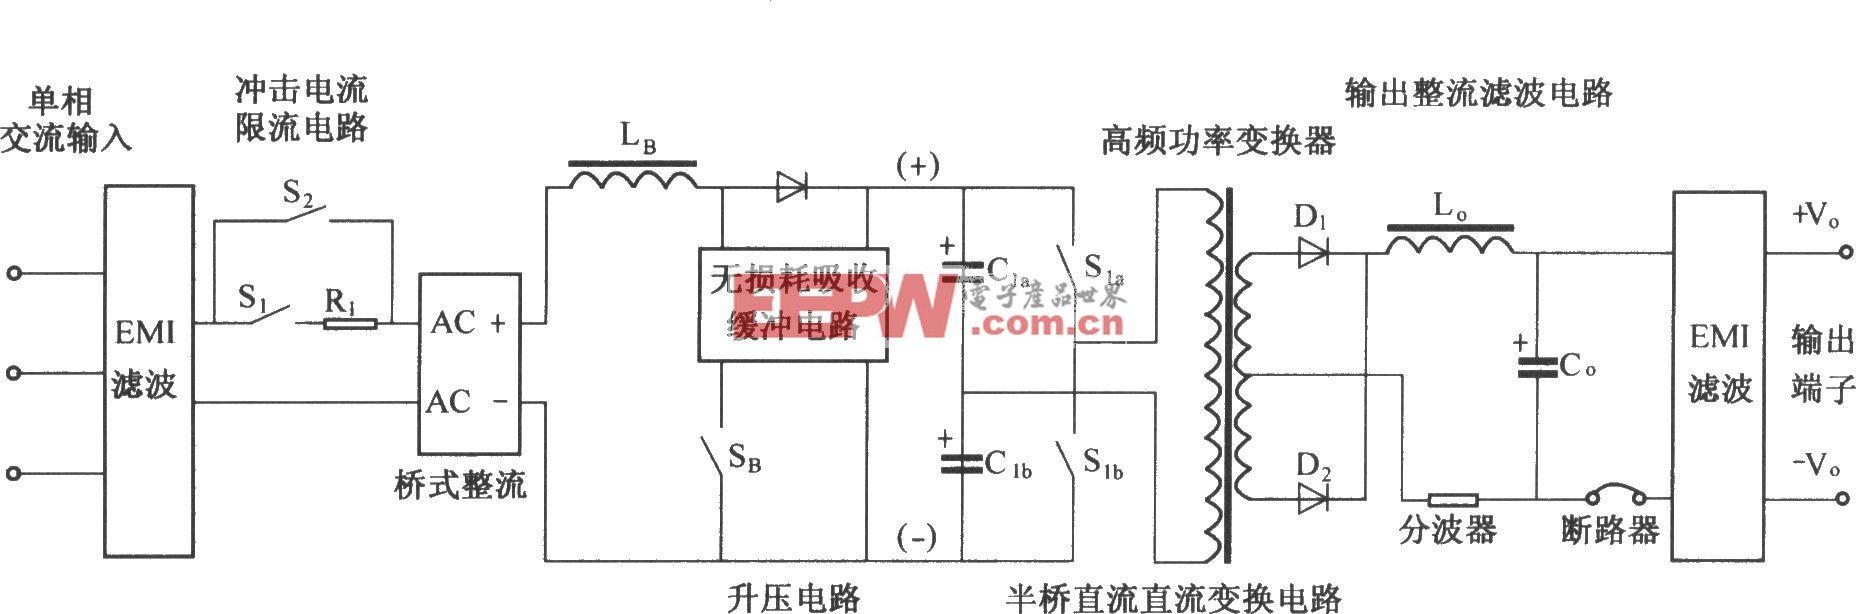 DMAl2主电路原理图